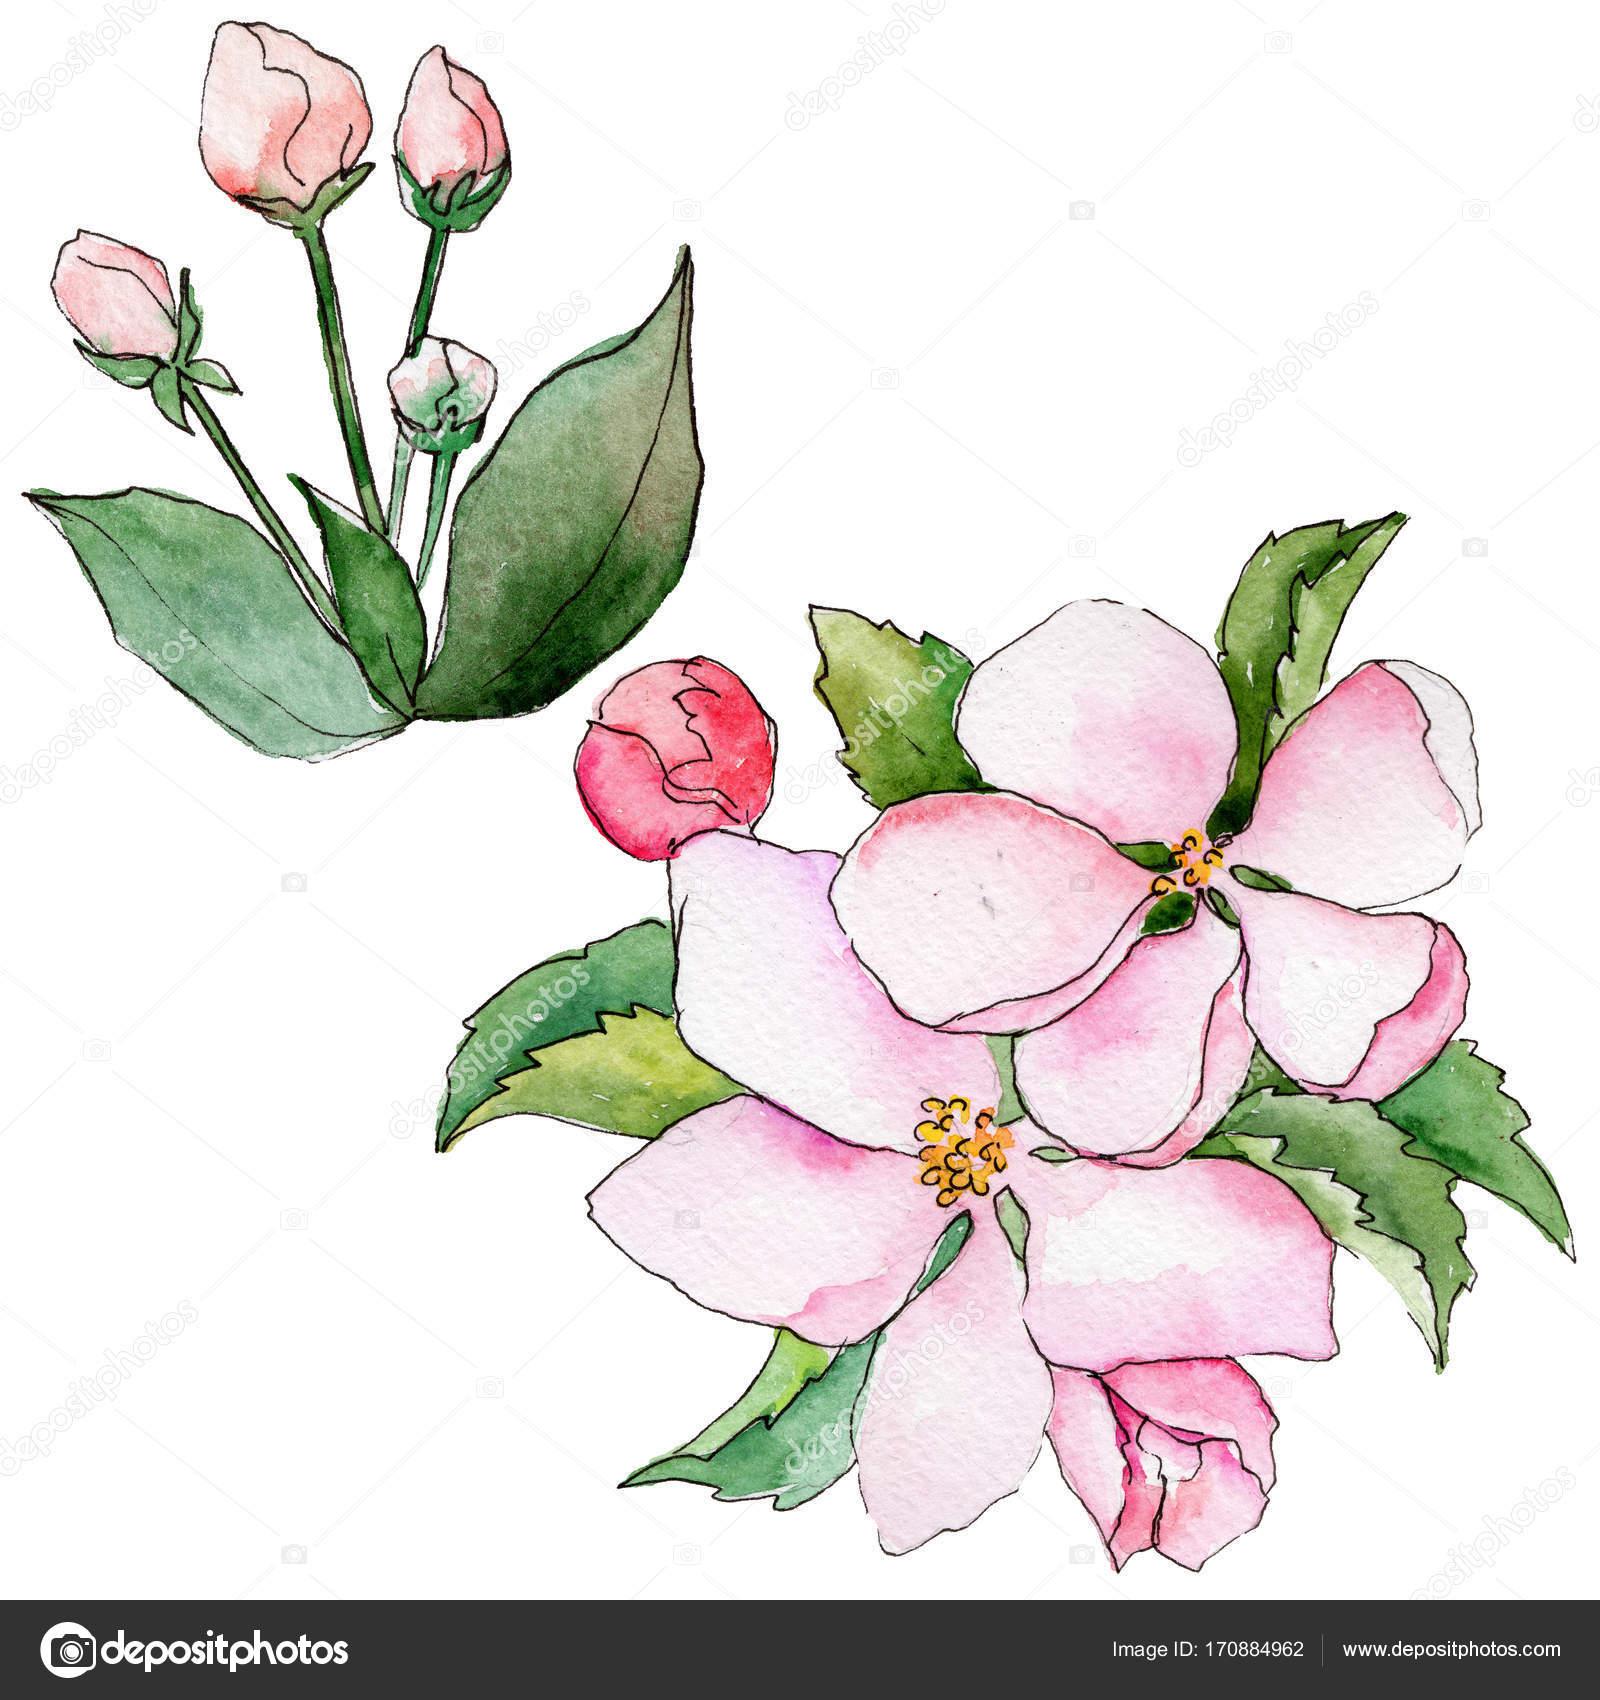 Wildflower Blumen von Apple in einem Aquarell Stil isoliert ...